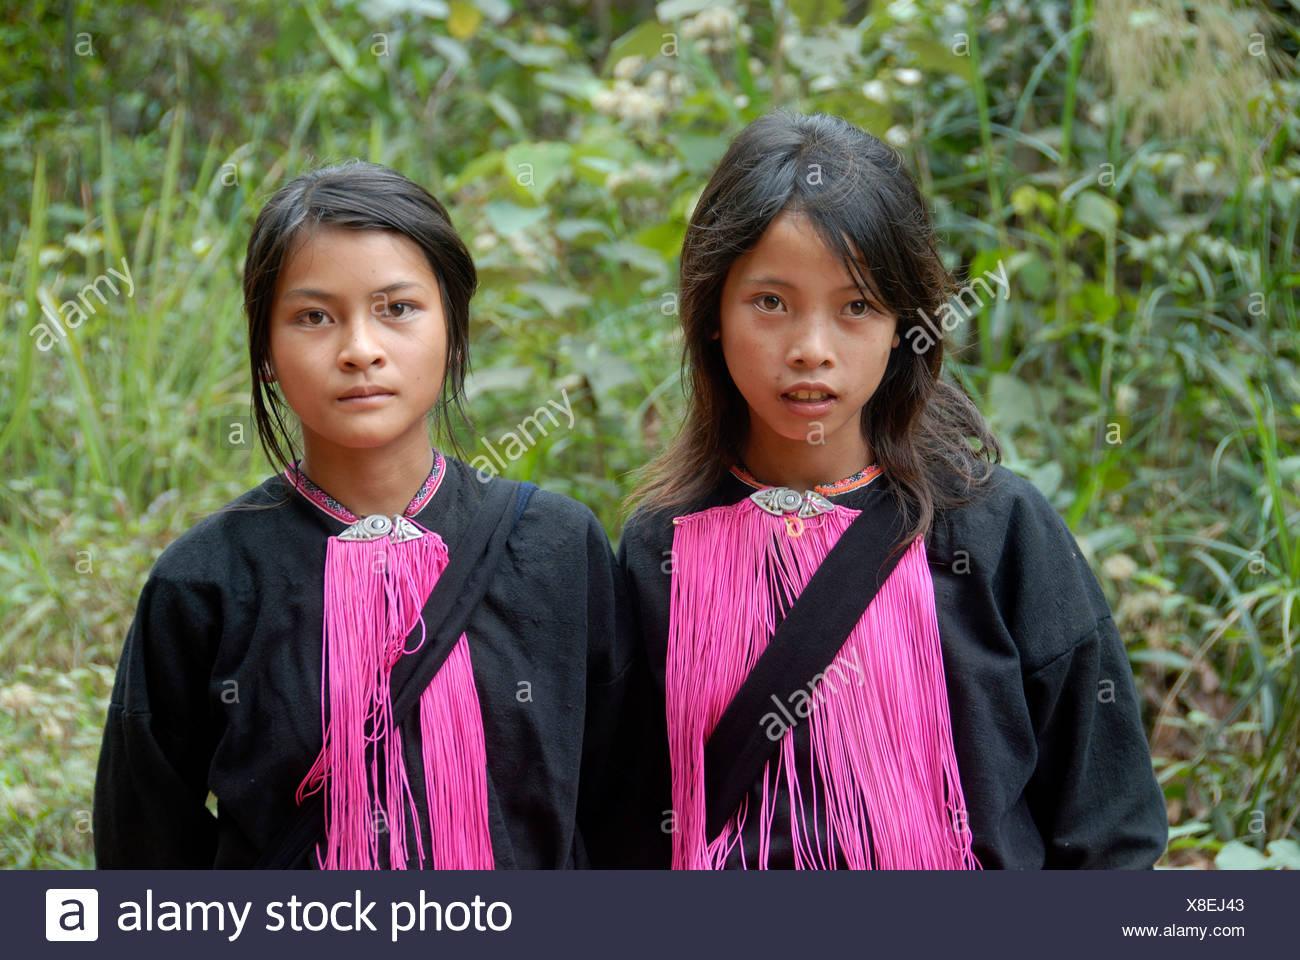 Porträt, Ethnologie, zwei junge Frauen der Volksgruppe der Yao, rosa Fäden als Schmuck, Ou Tai, Distrikt Gnot Ou, Yot Ou, Phongs Stockbild